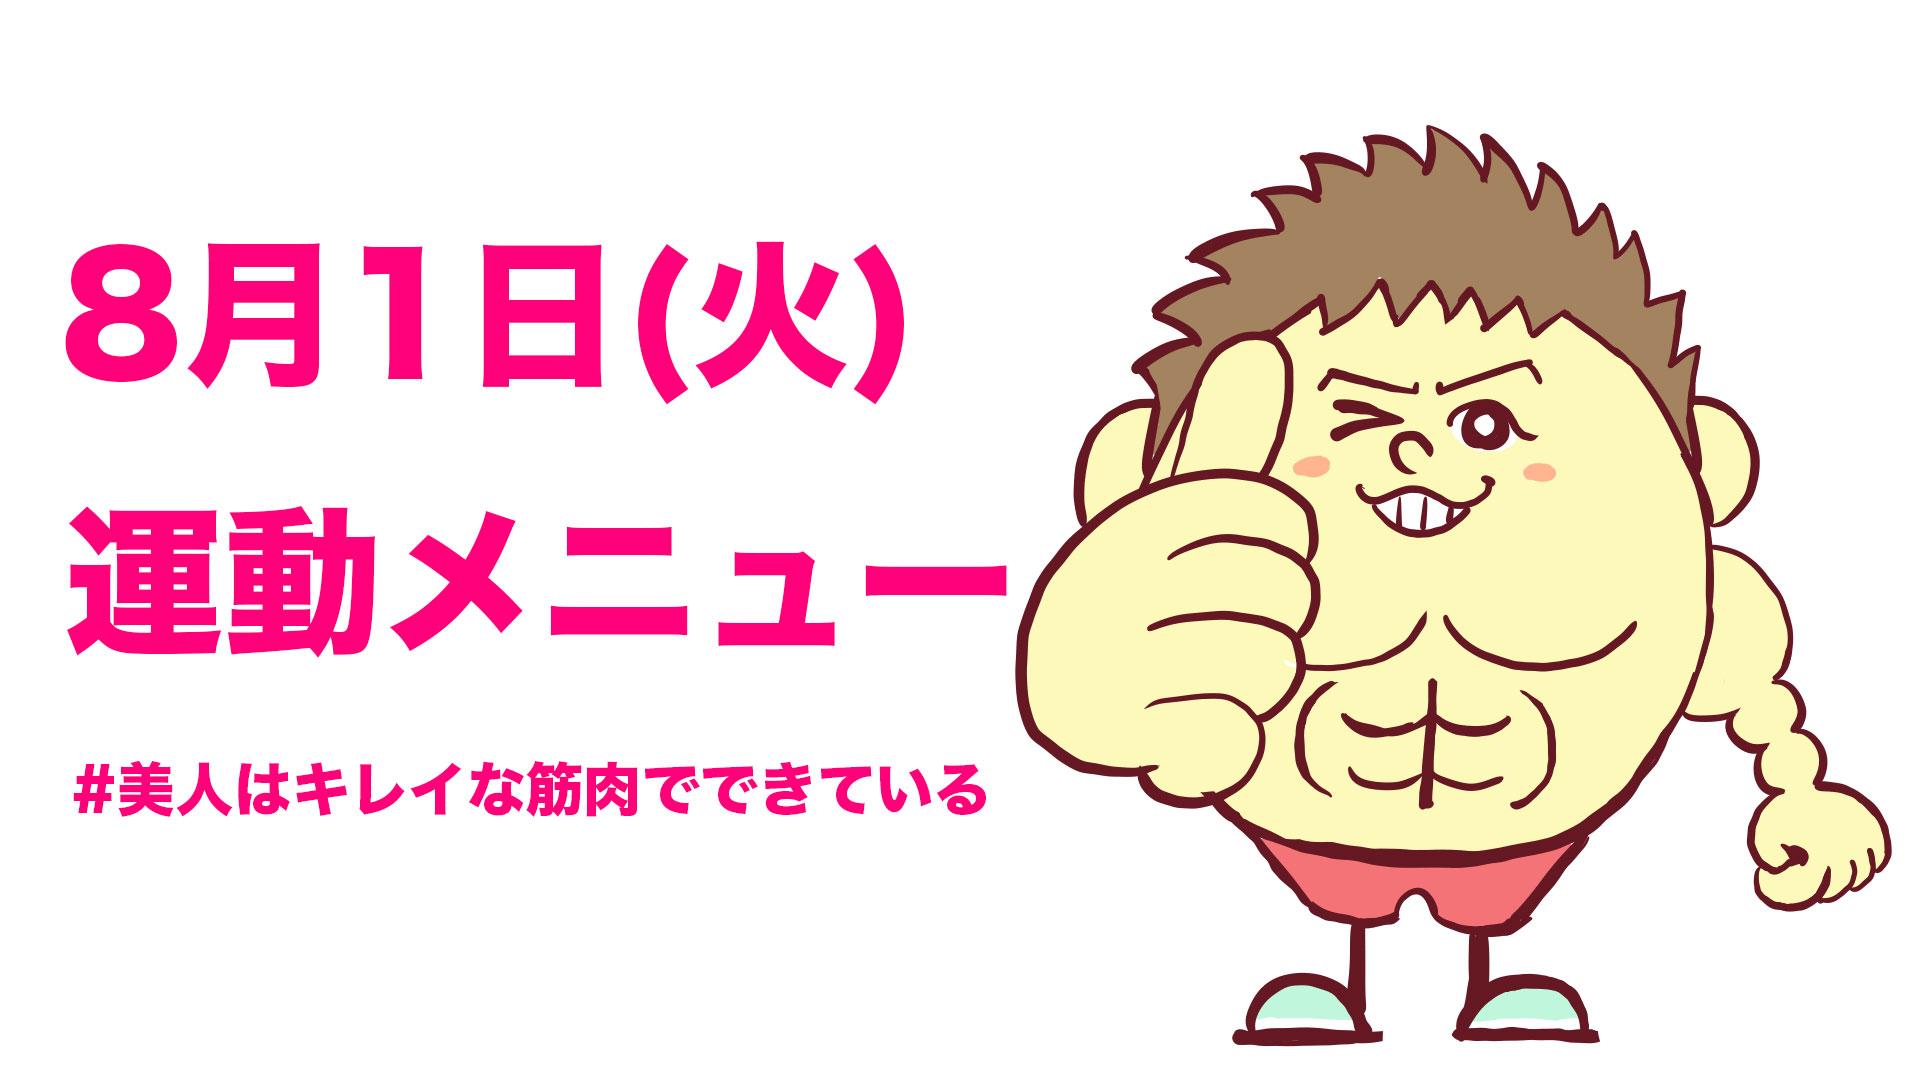 8/1の運動メニュー!